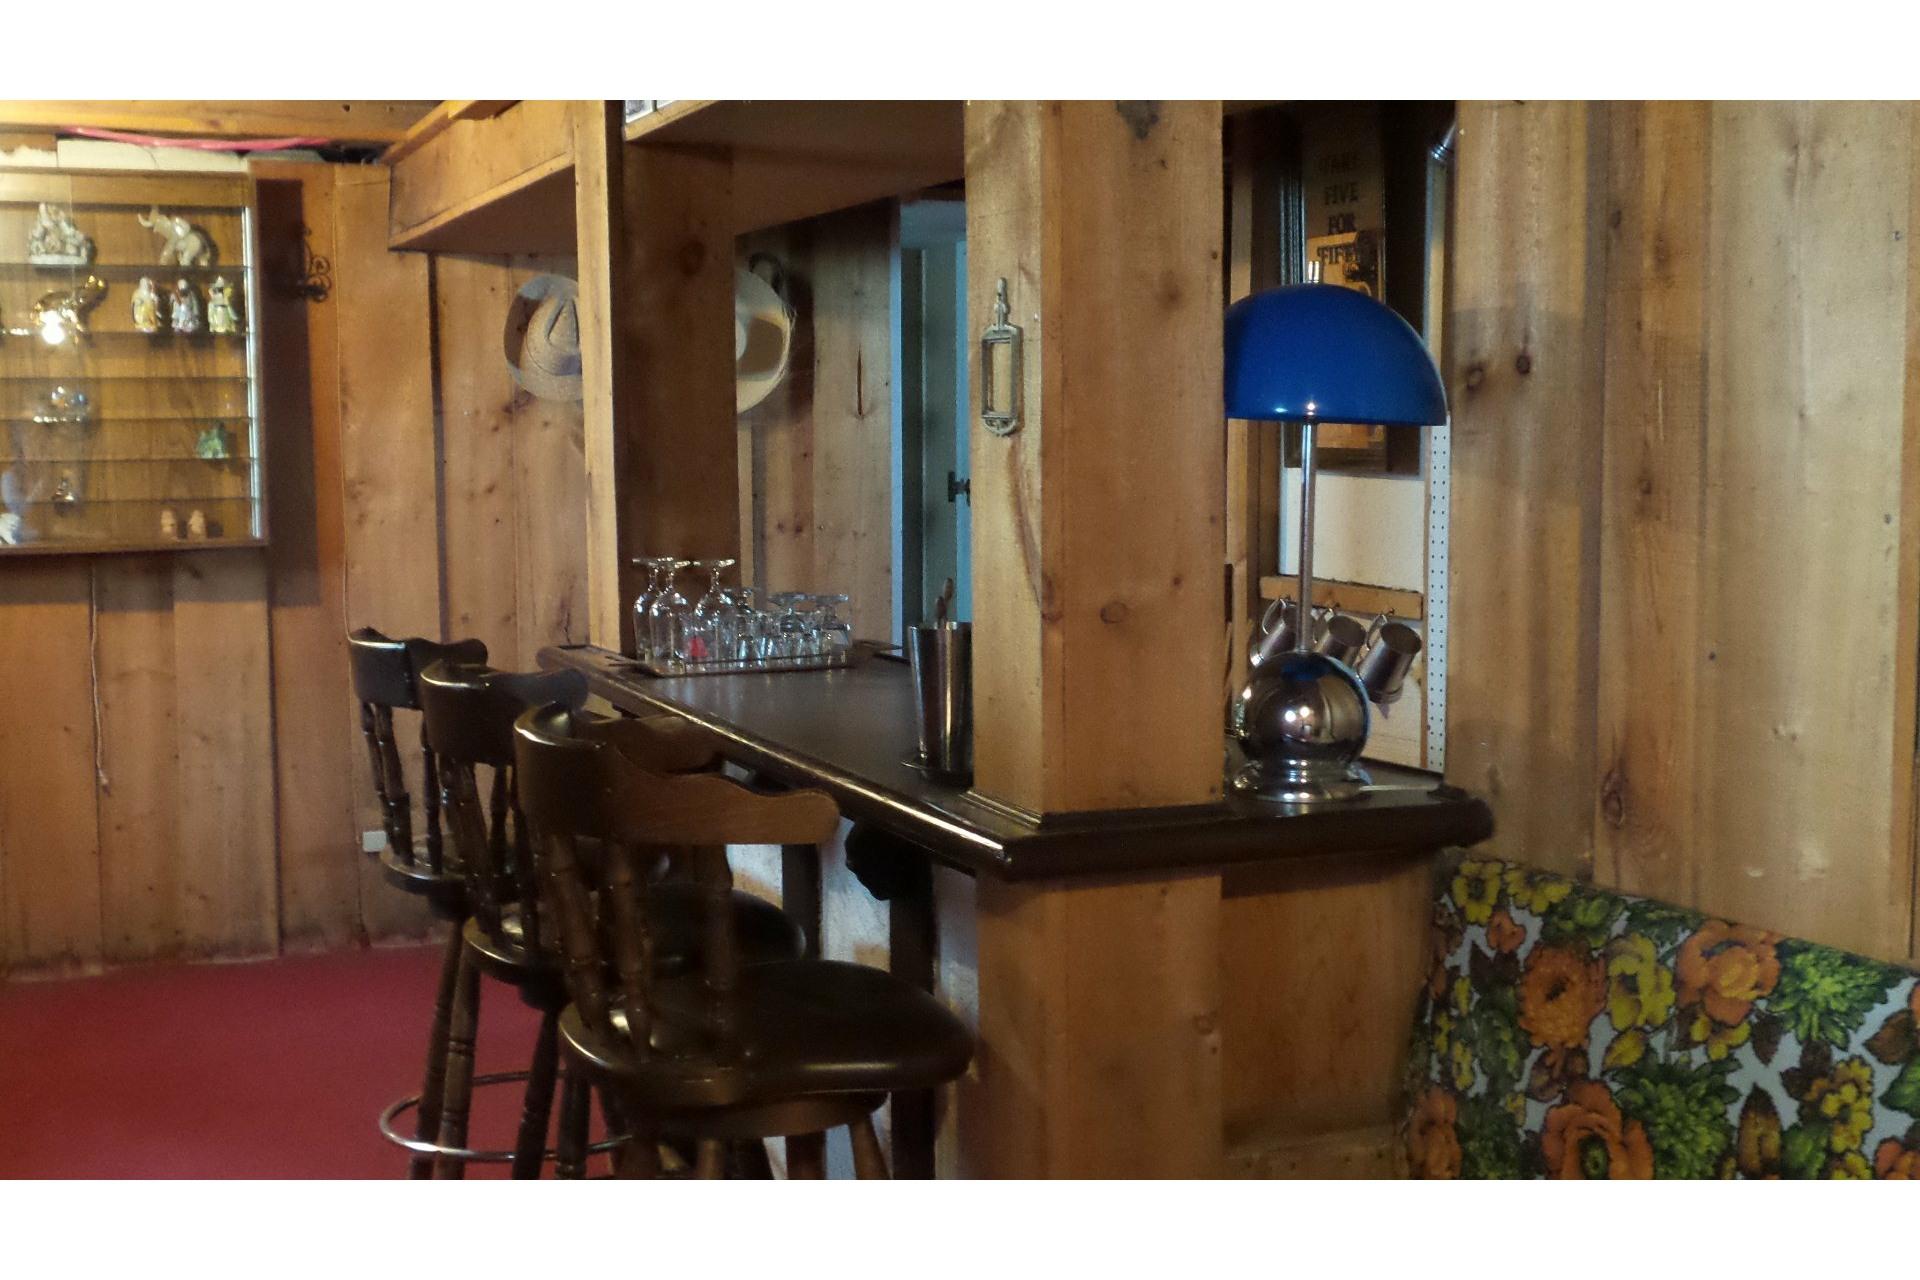 image 14 - House For sale Saint-Laurent Montréal  - 9 rooms